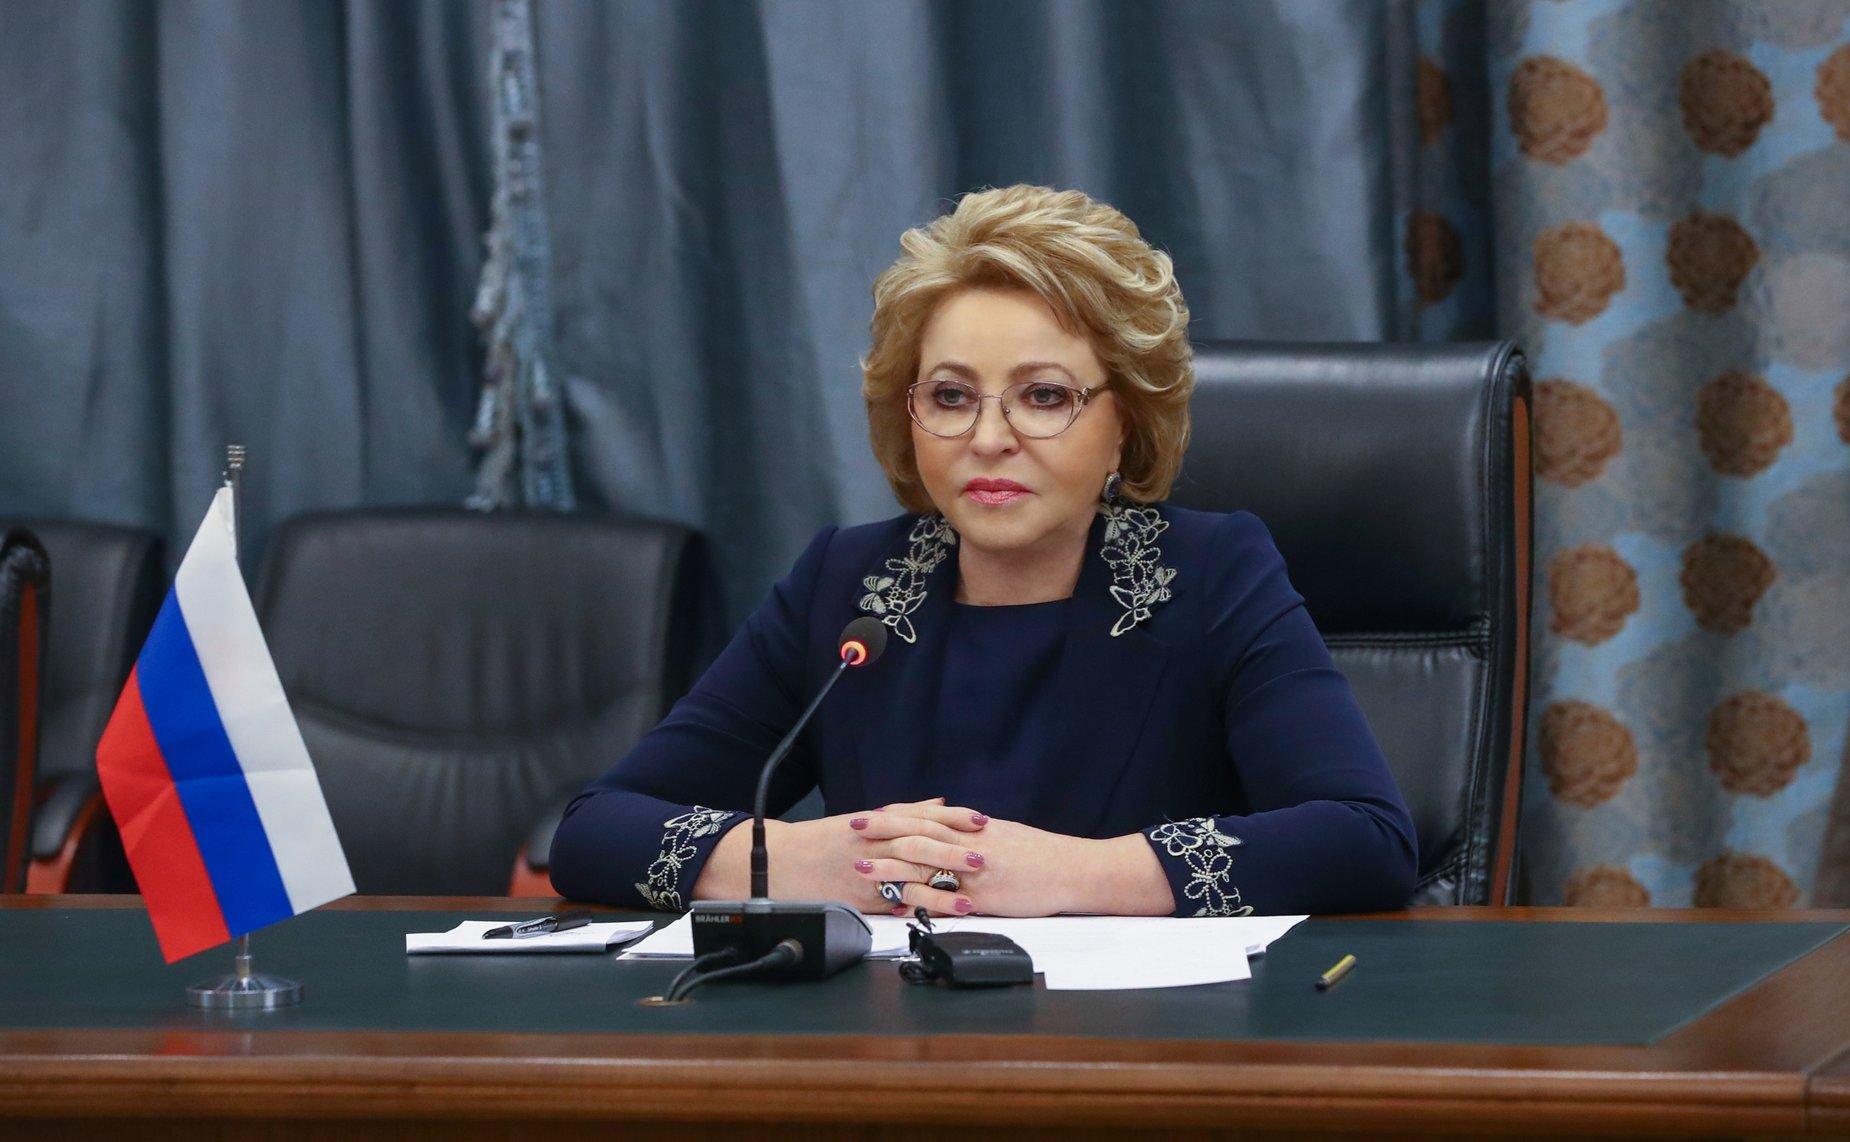 Матвиенко: Необходимо улучшить систему финансирования медпомощи